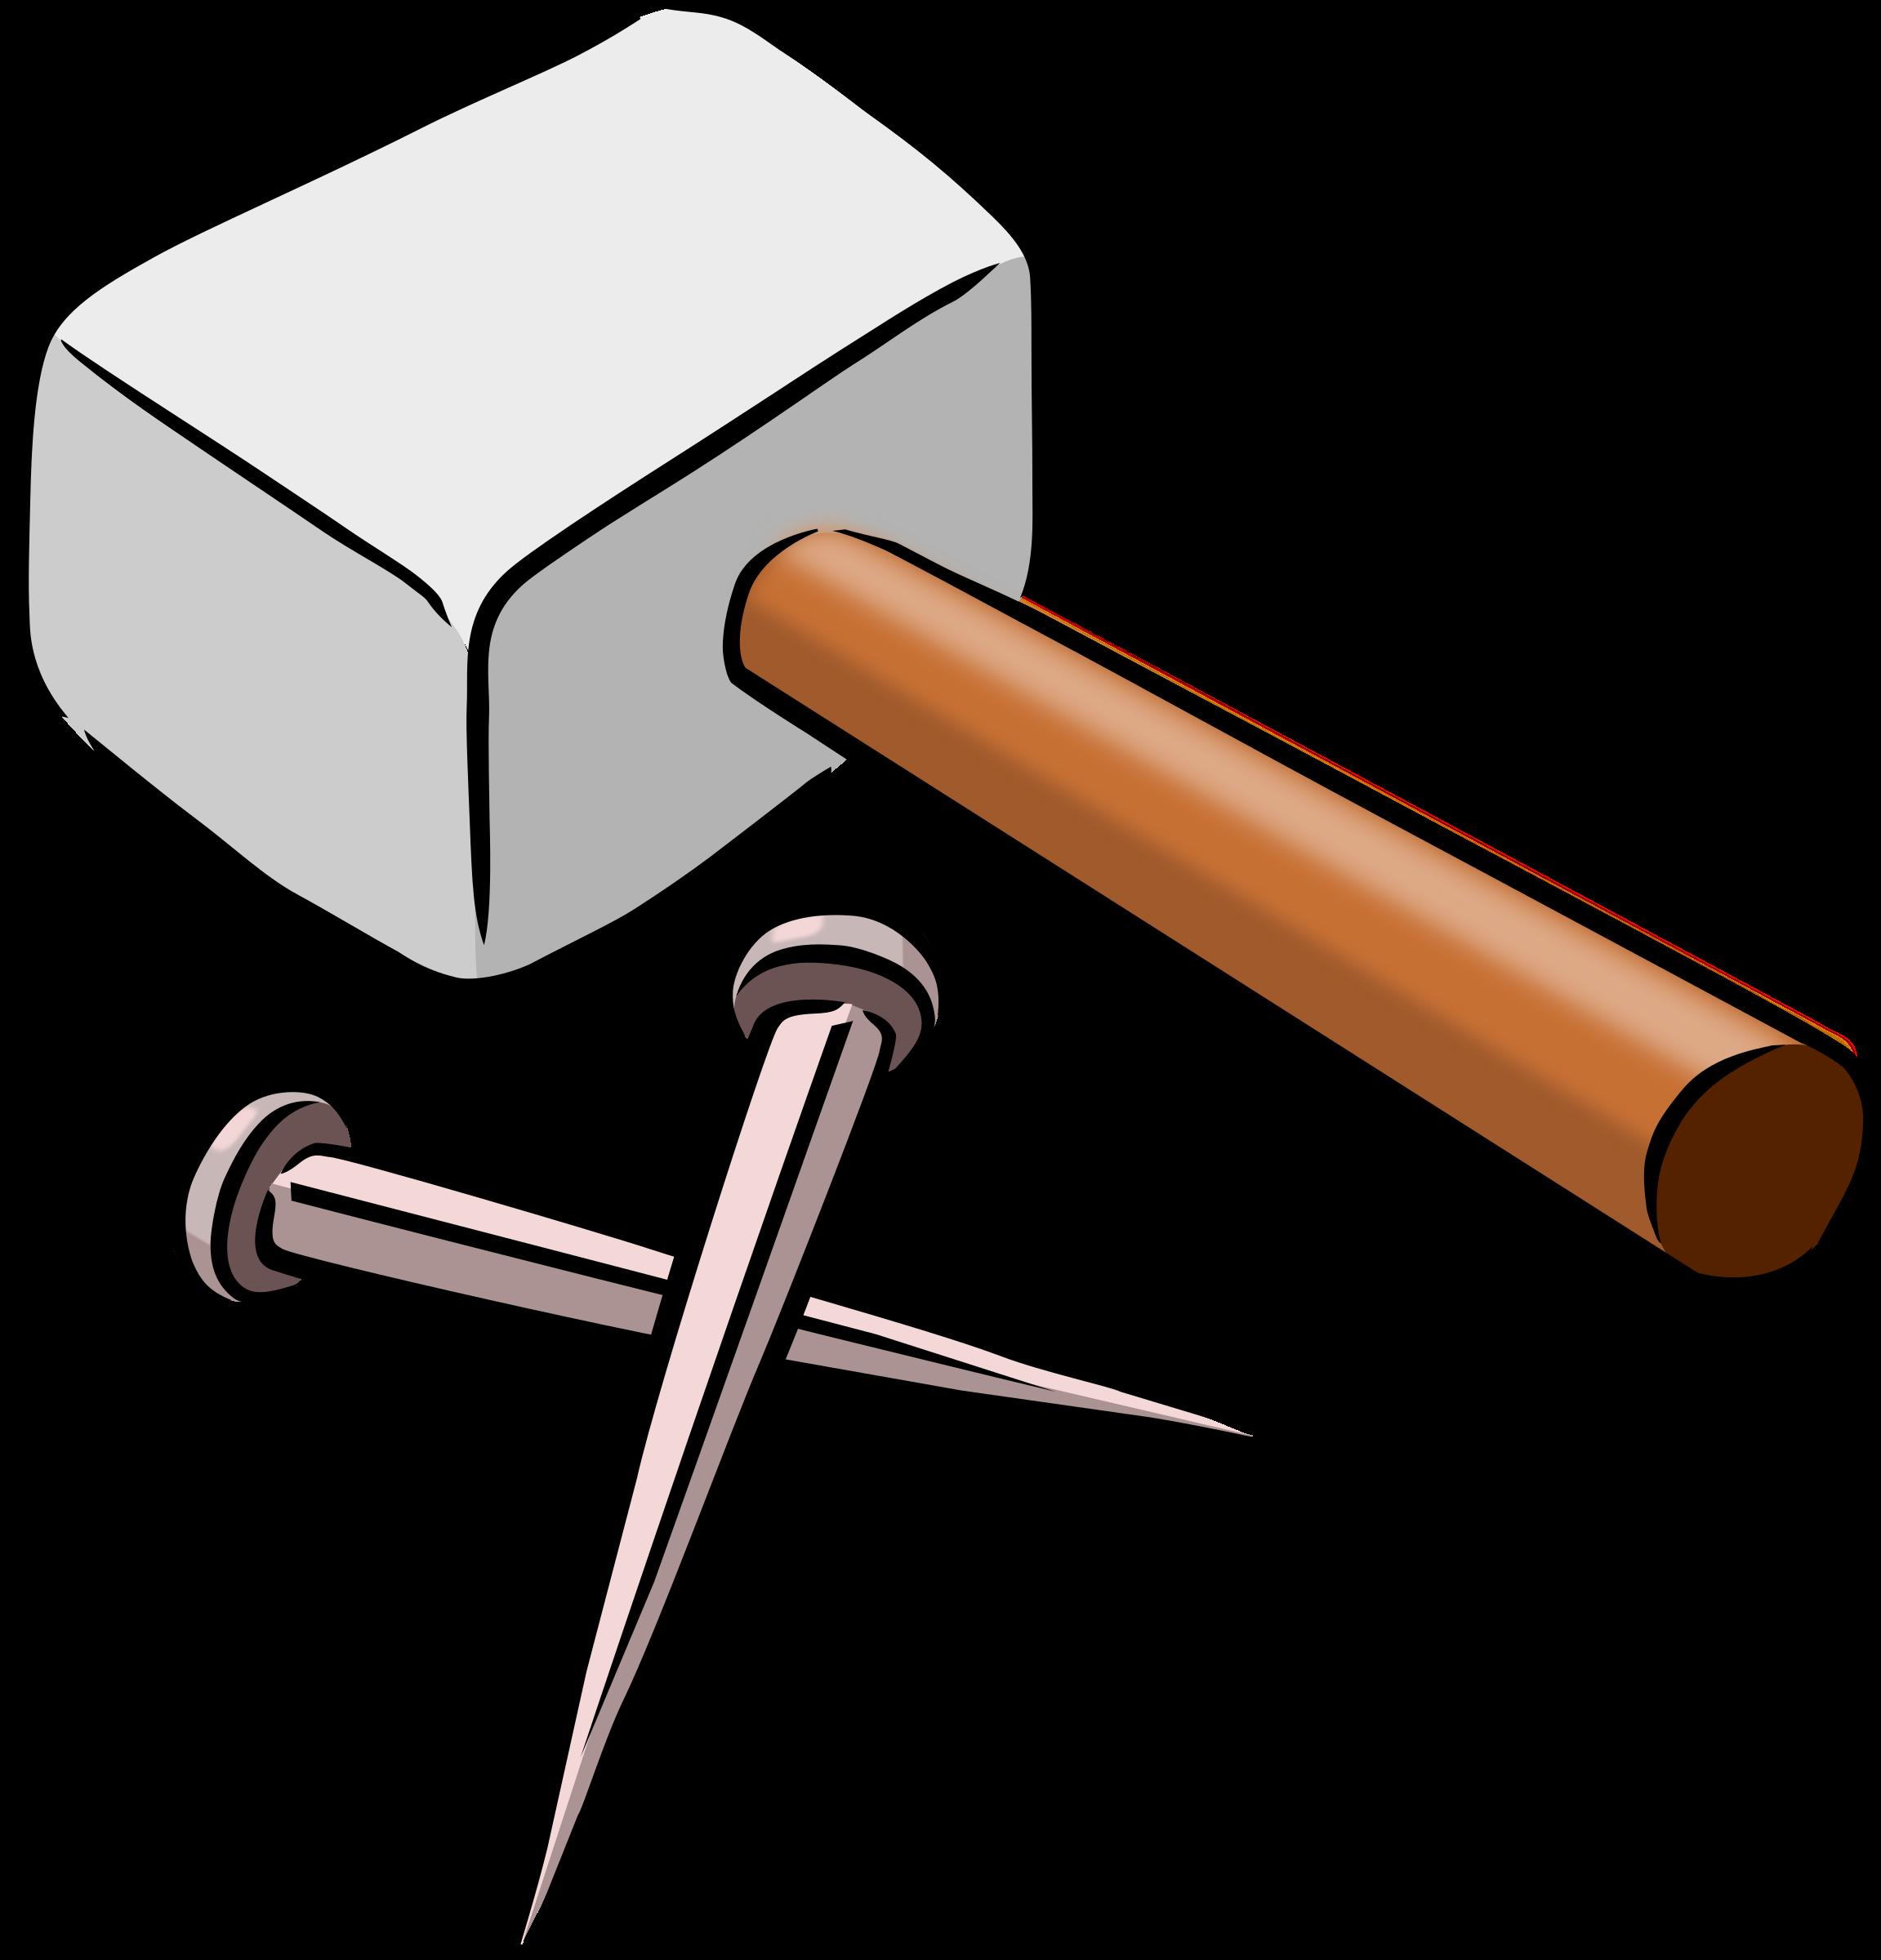 Nail clipart small hammer. And nails icons png